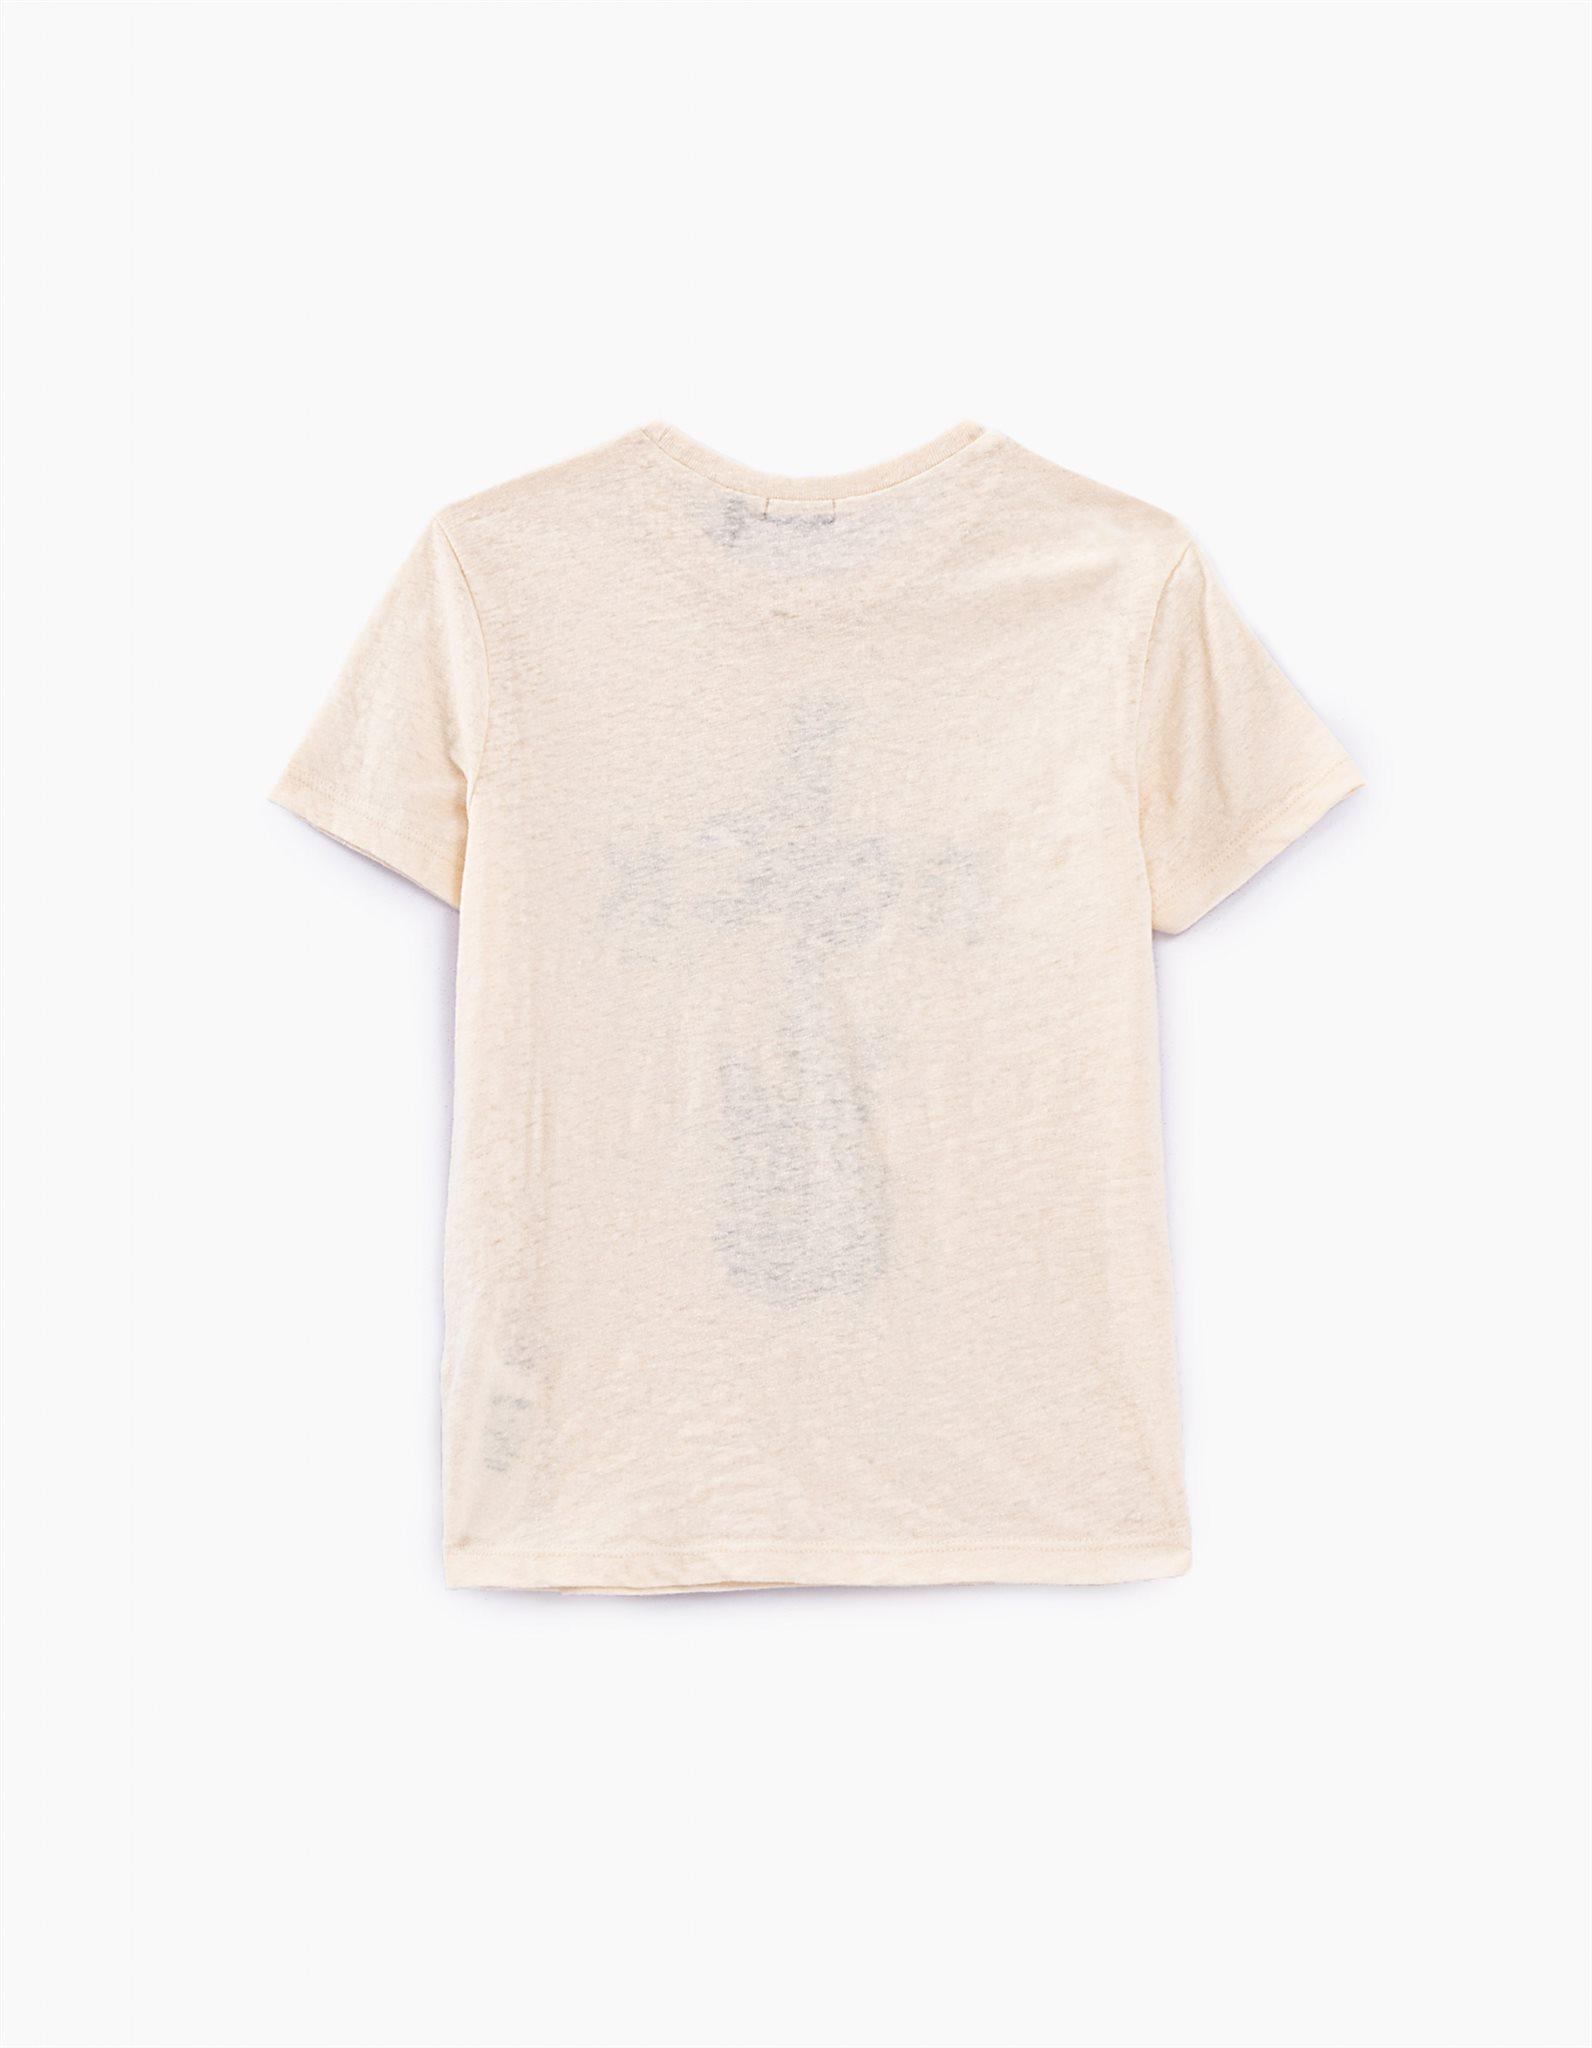 IKKS t-shirt